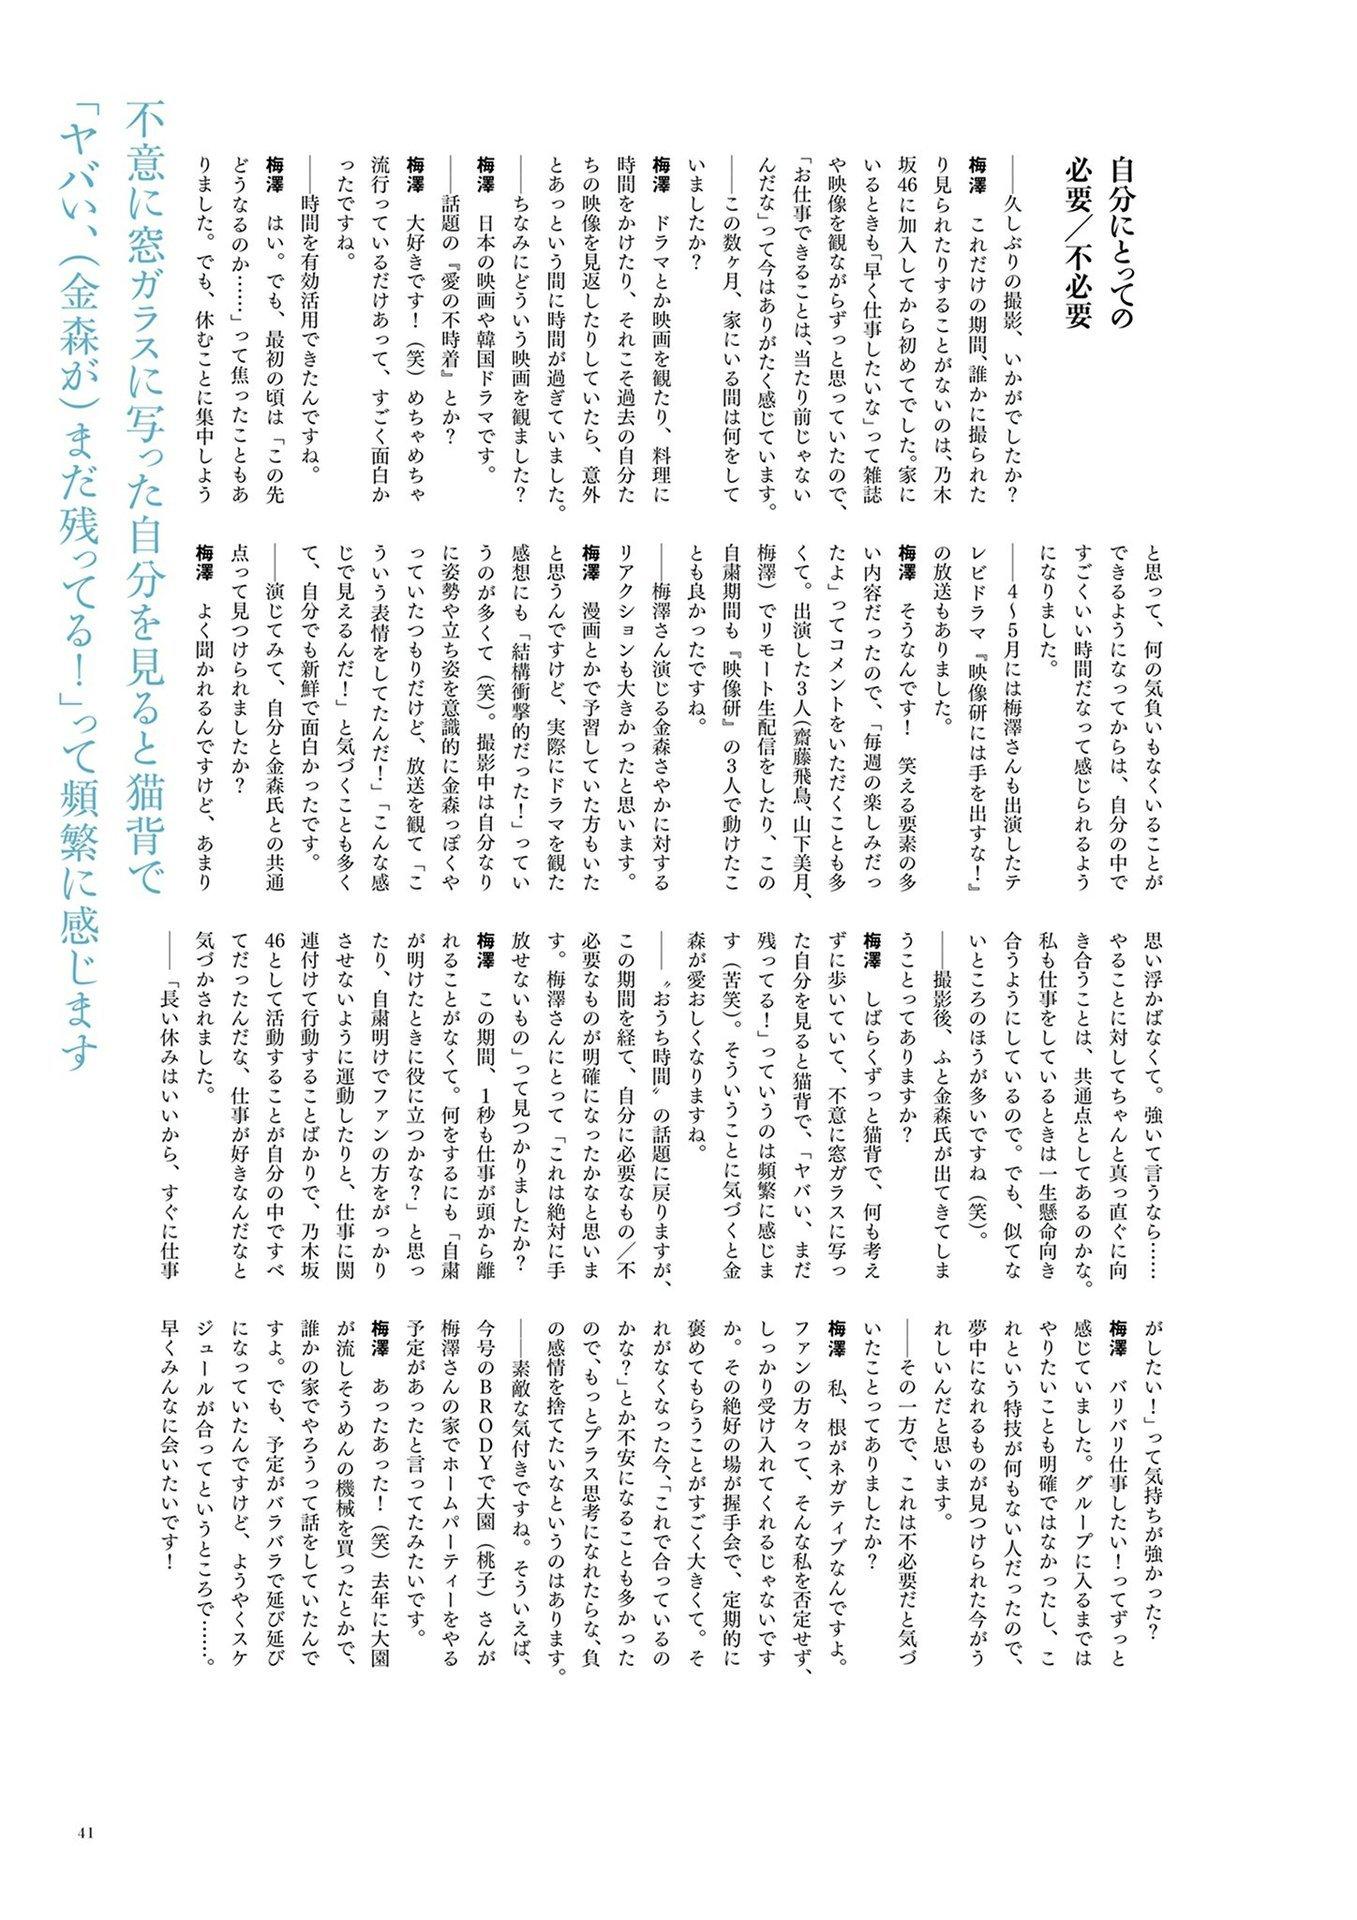 坂道系大合集第十六弹